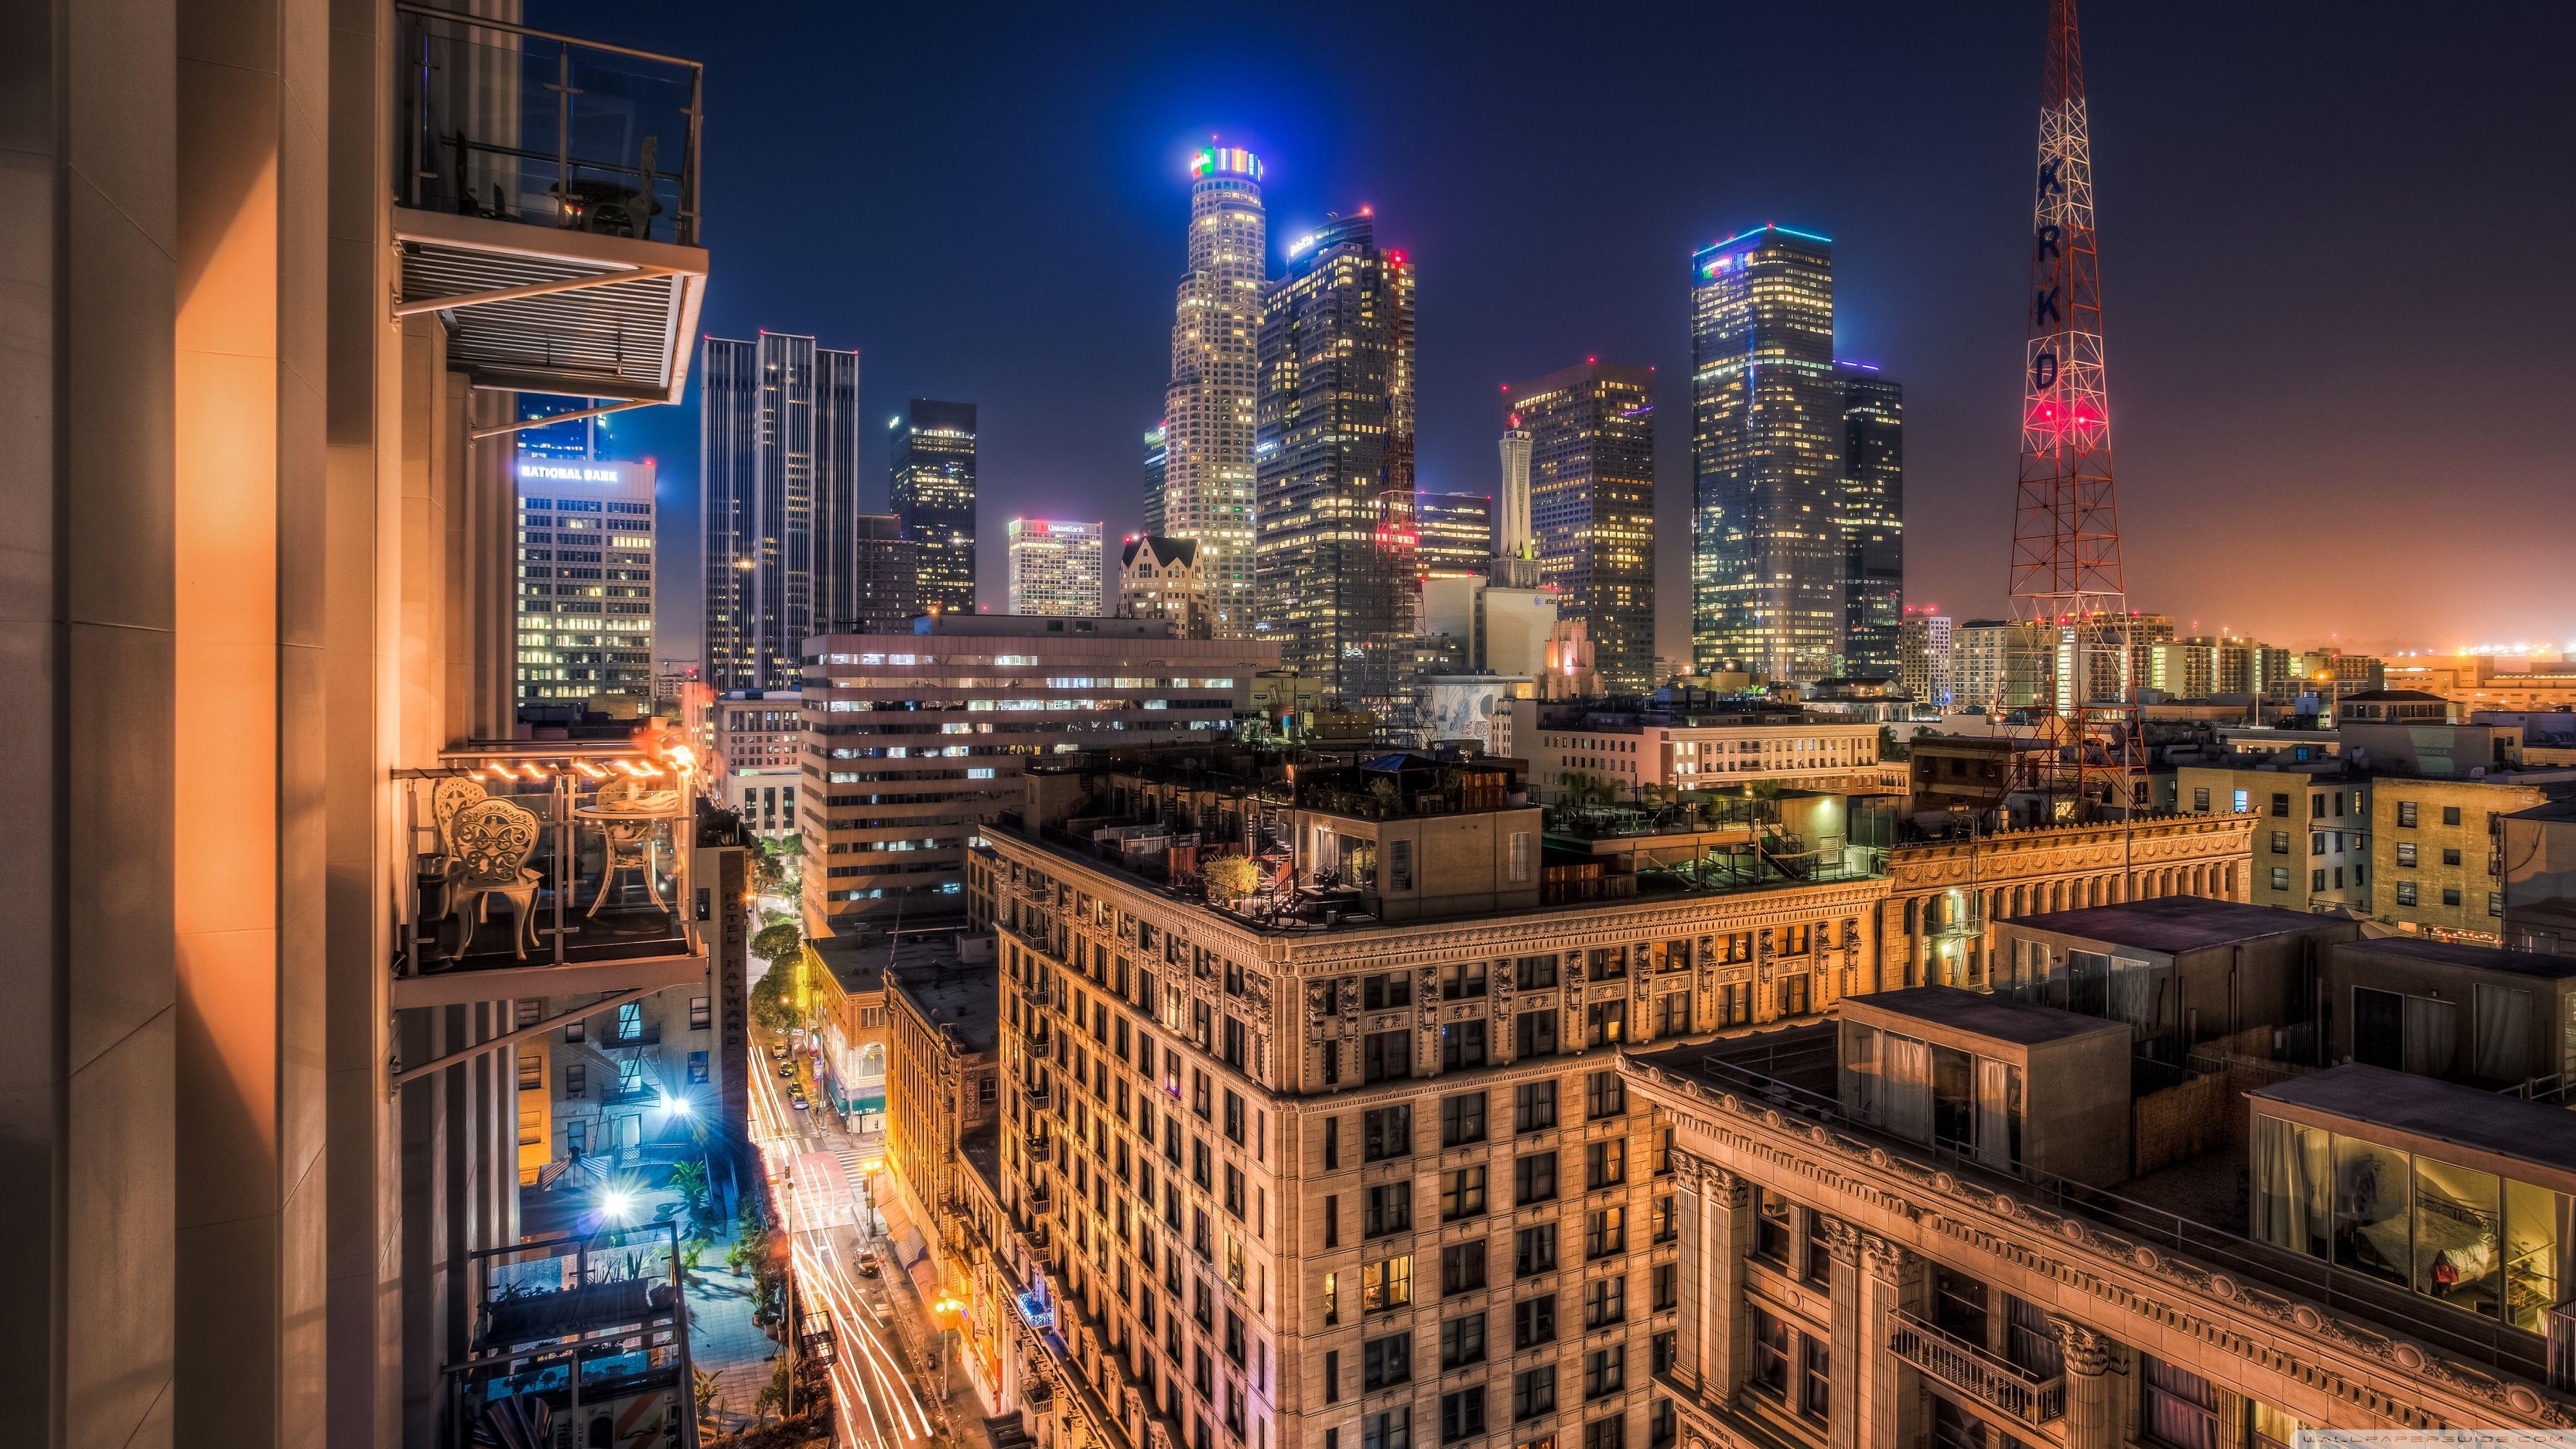 Los Angeles 4k Wallpapers Top Free Los Angeles 4k